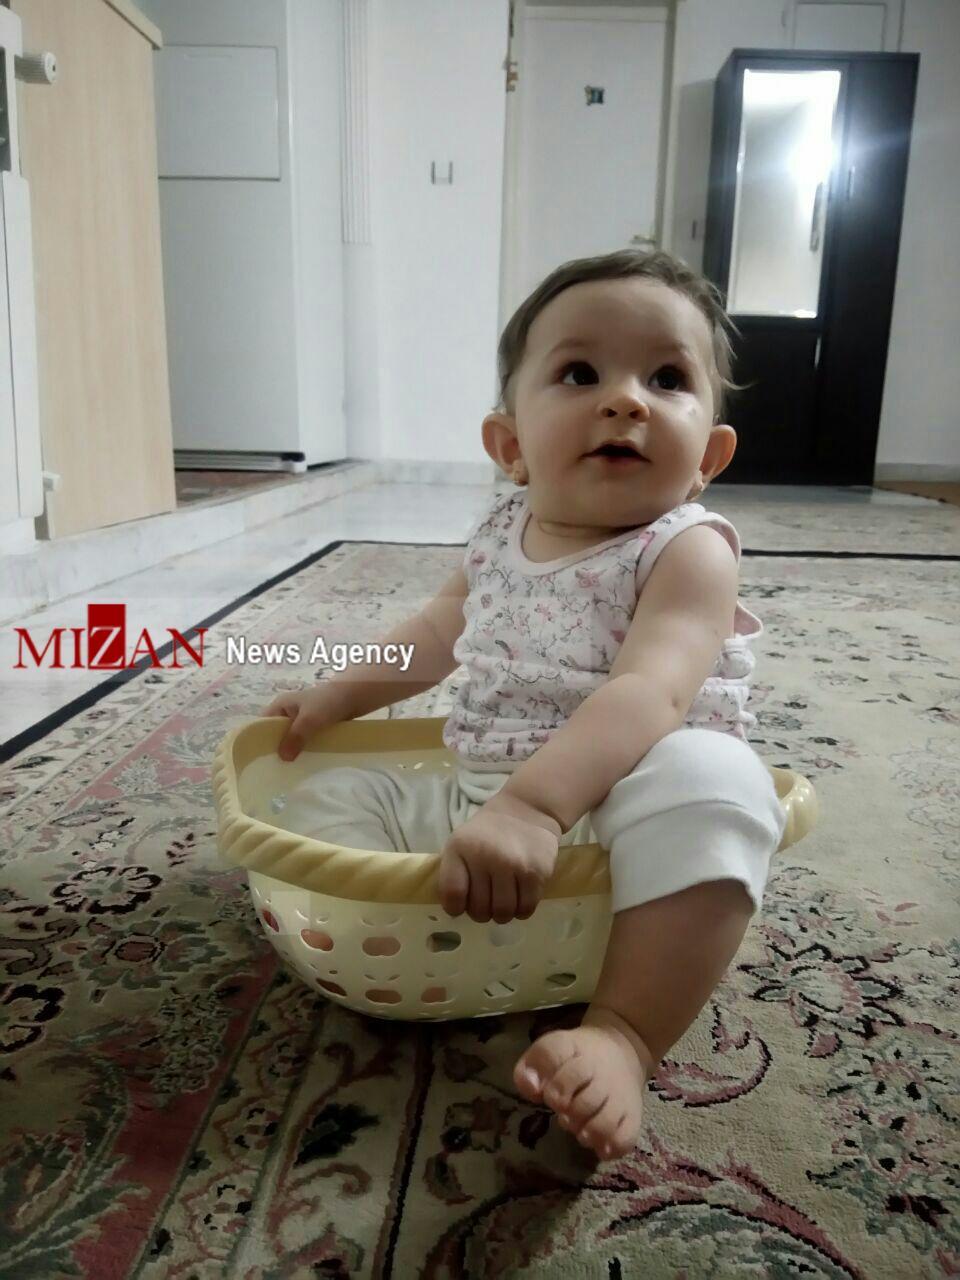 تصاویر اختصاصی از عاملان ربودن بنیتا/ عکس های دیده نشده دختر 8 ماهه